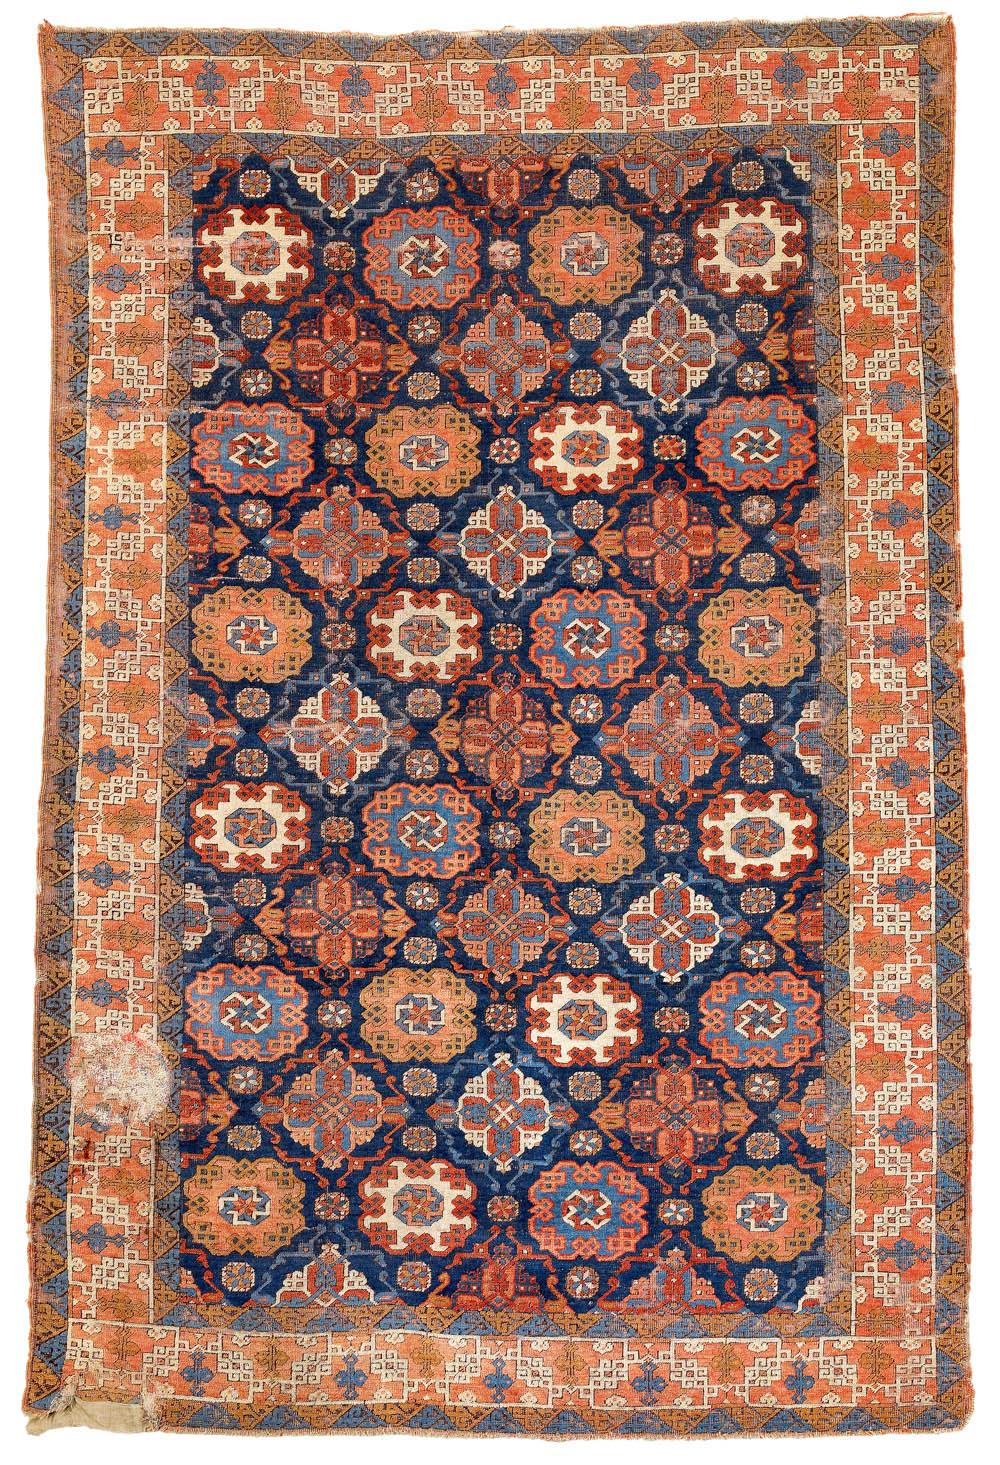 Lot 106, Tuduc, Romania, 270 x 177 cm, circa 1930, estimate €2,000.00, sold for €41,480 ($51,020)